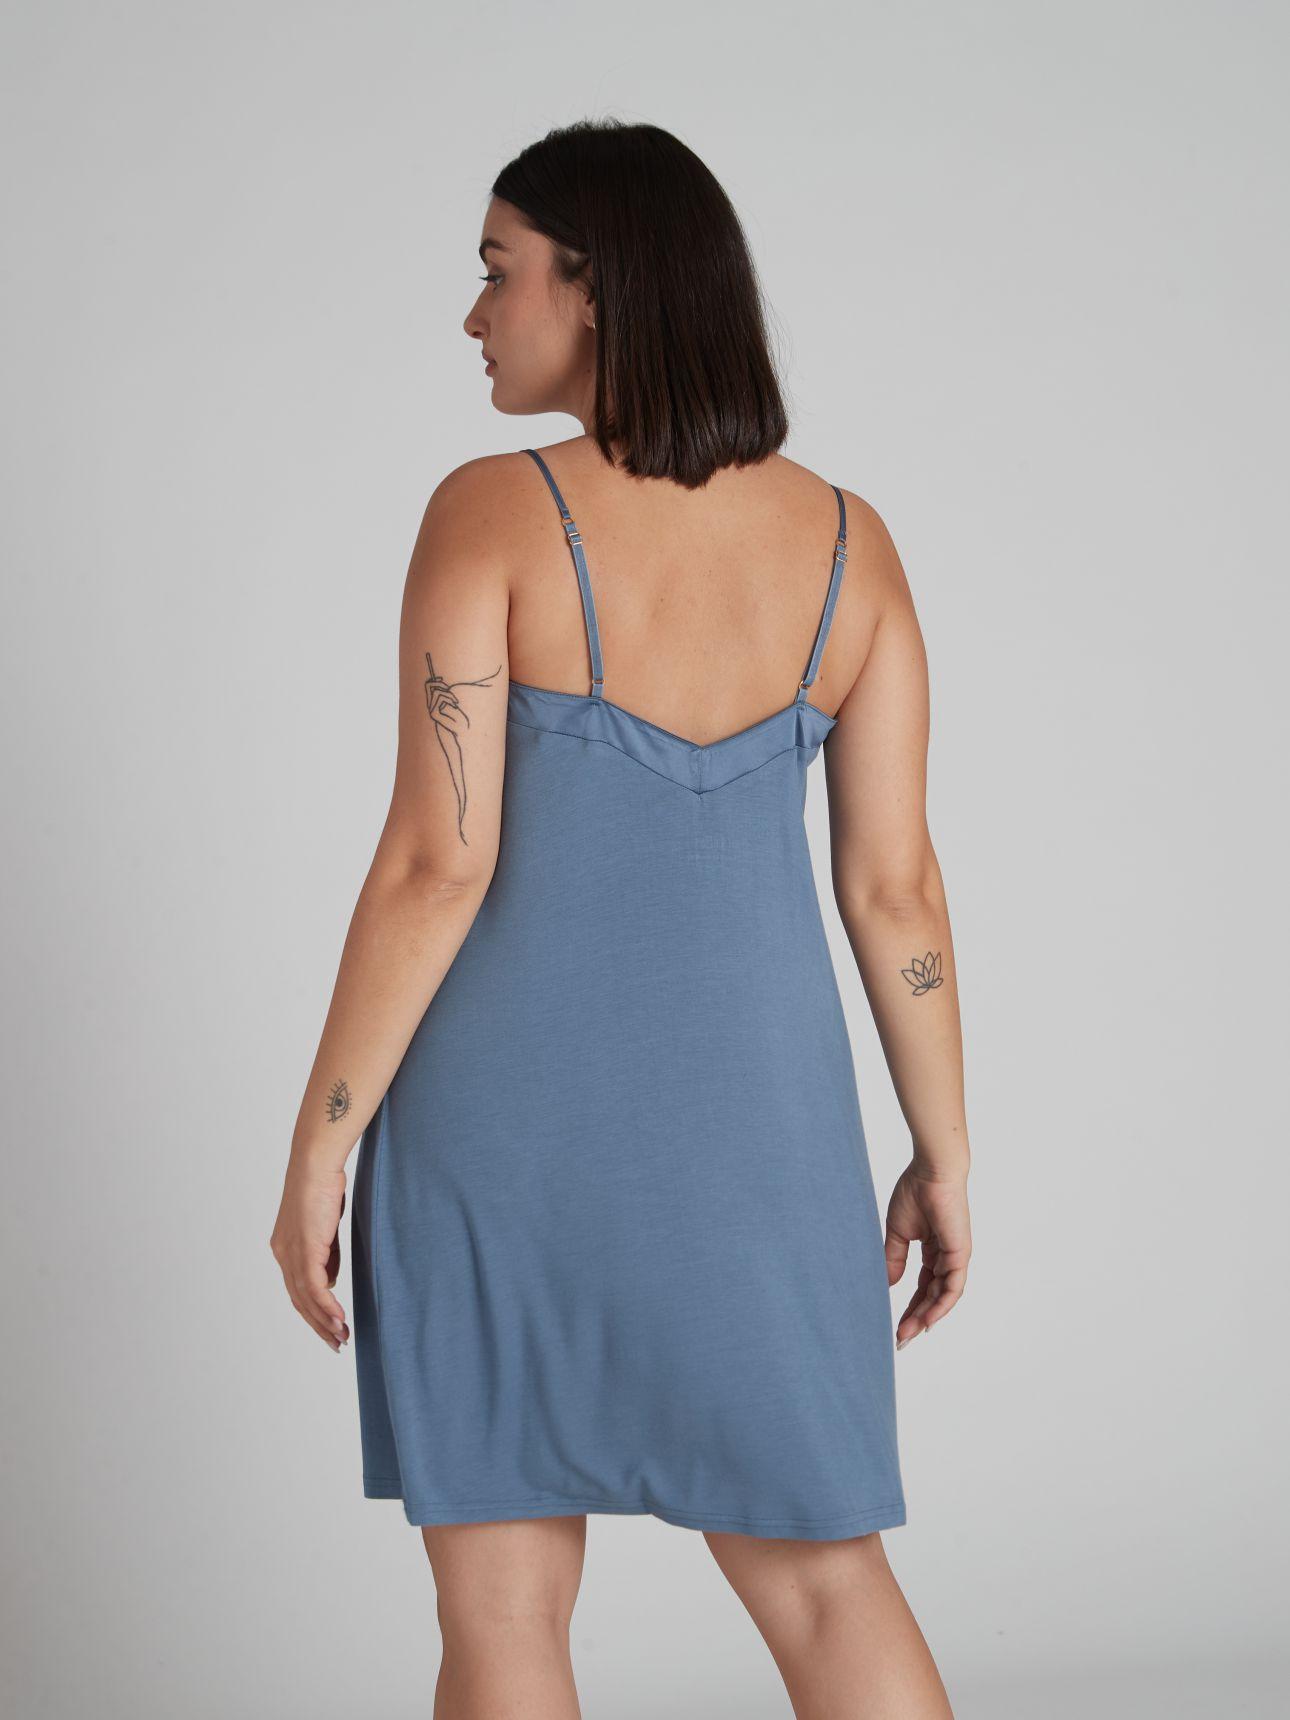 כותונת לילה מודל בגימור סאטן MUST HAVE בצבע כחול אקווה